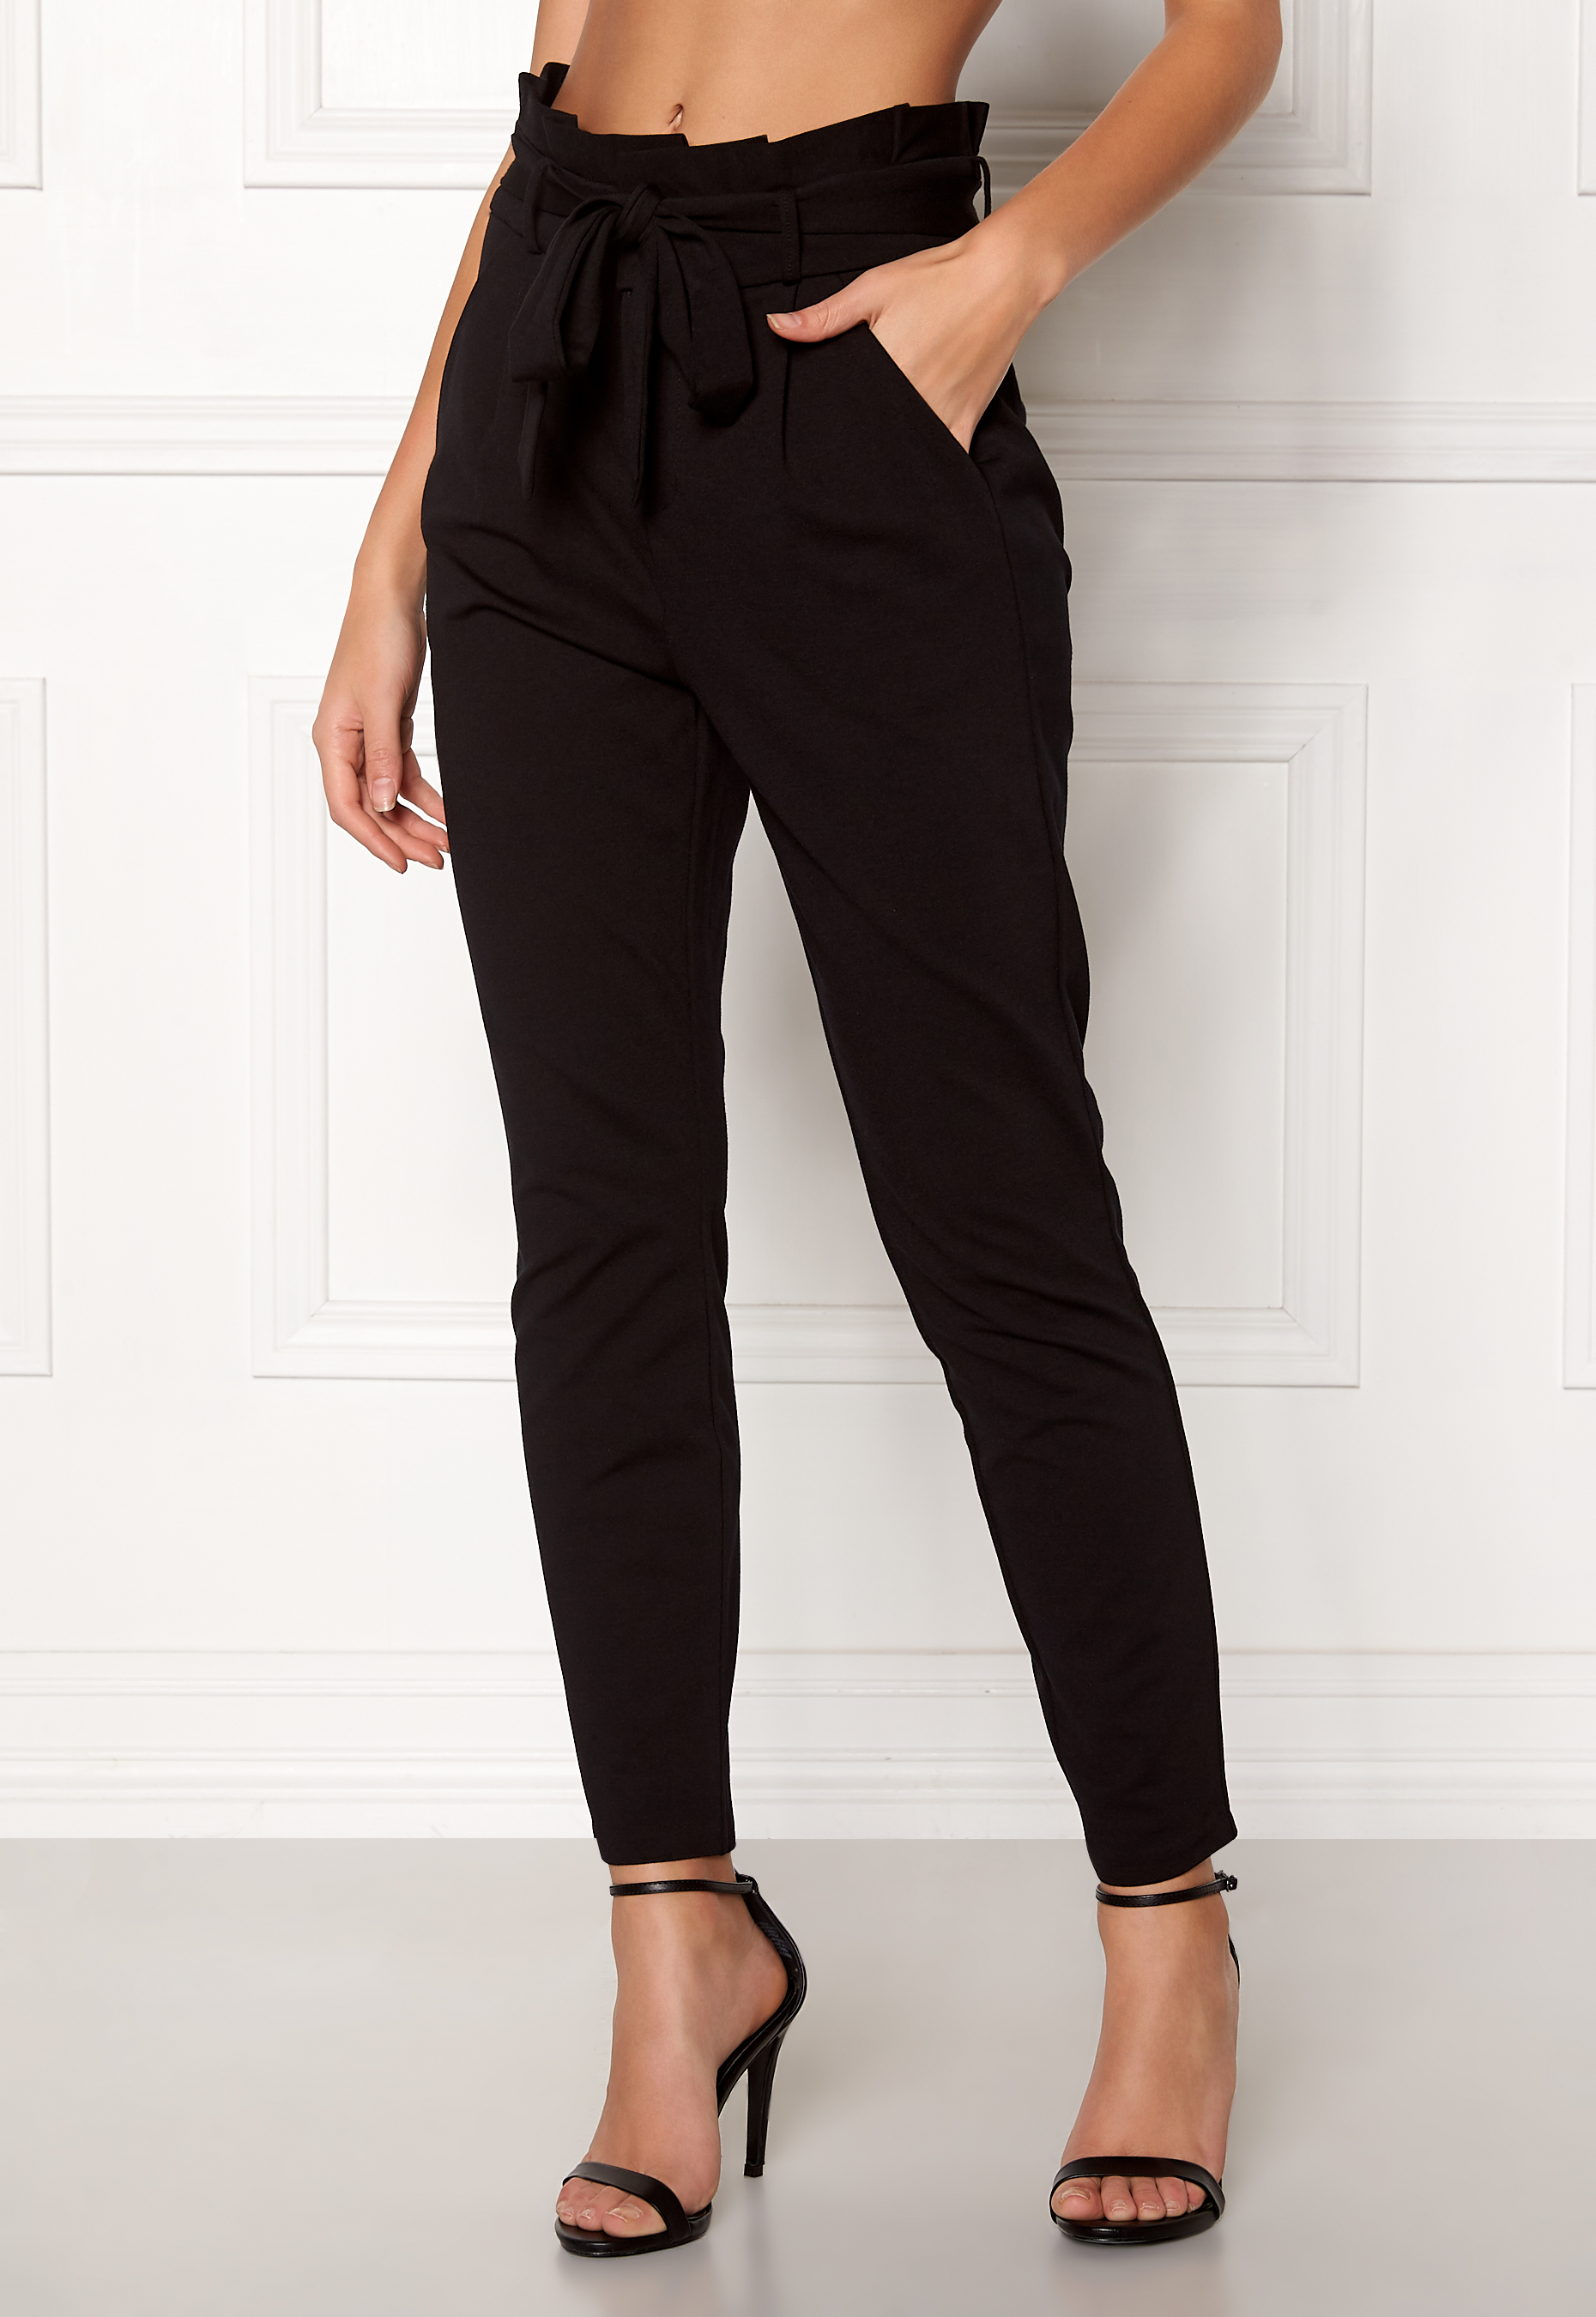 d4f1ee4d70a VERO MODA Eva Loose Paperbag Pants Black - Bubbleroom